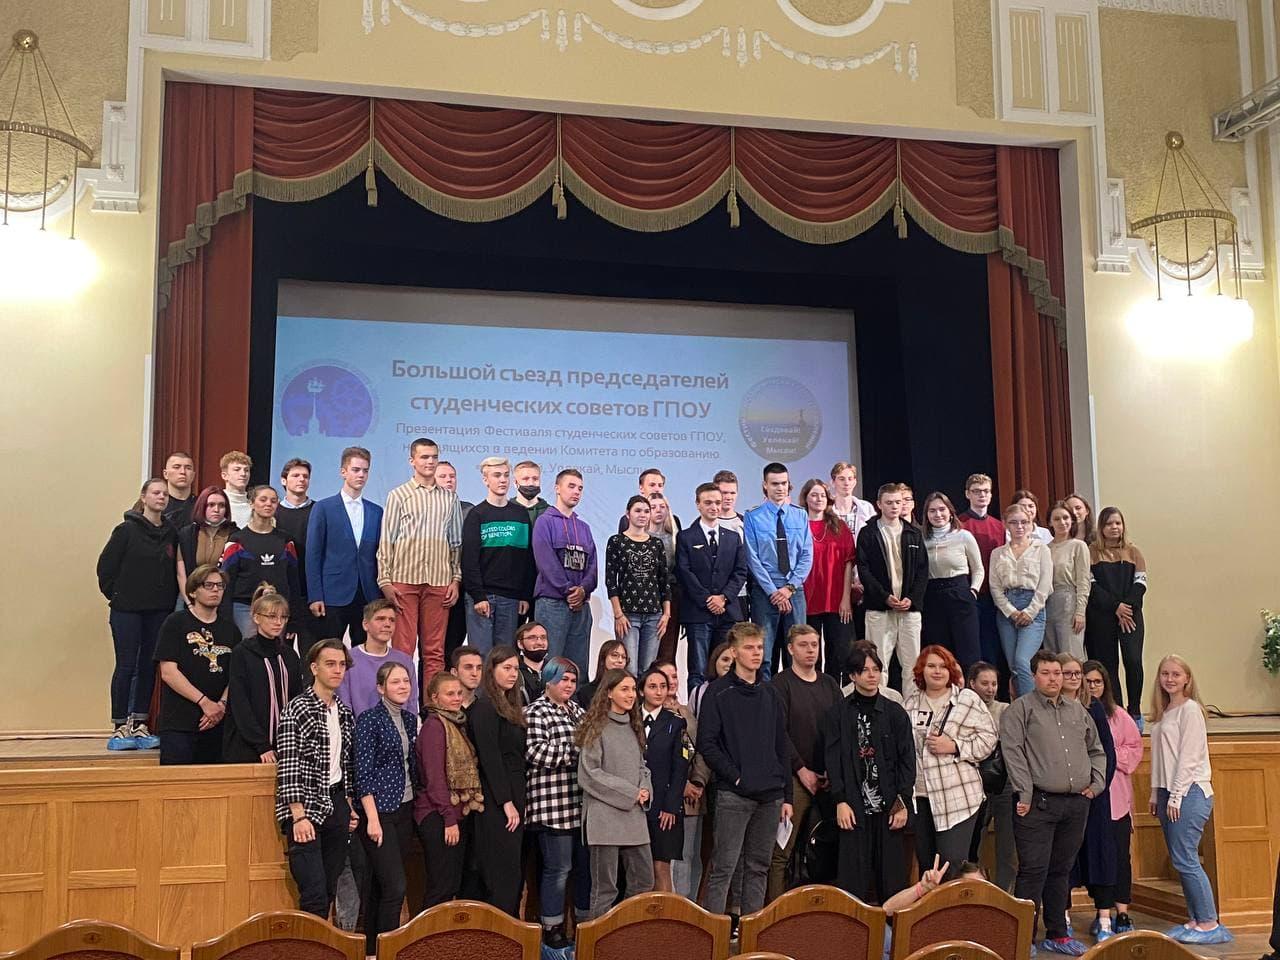 Большой съезд председателей студенческих советов ГПОУ